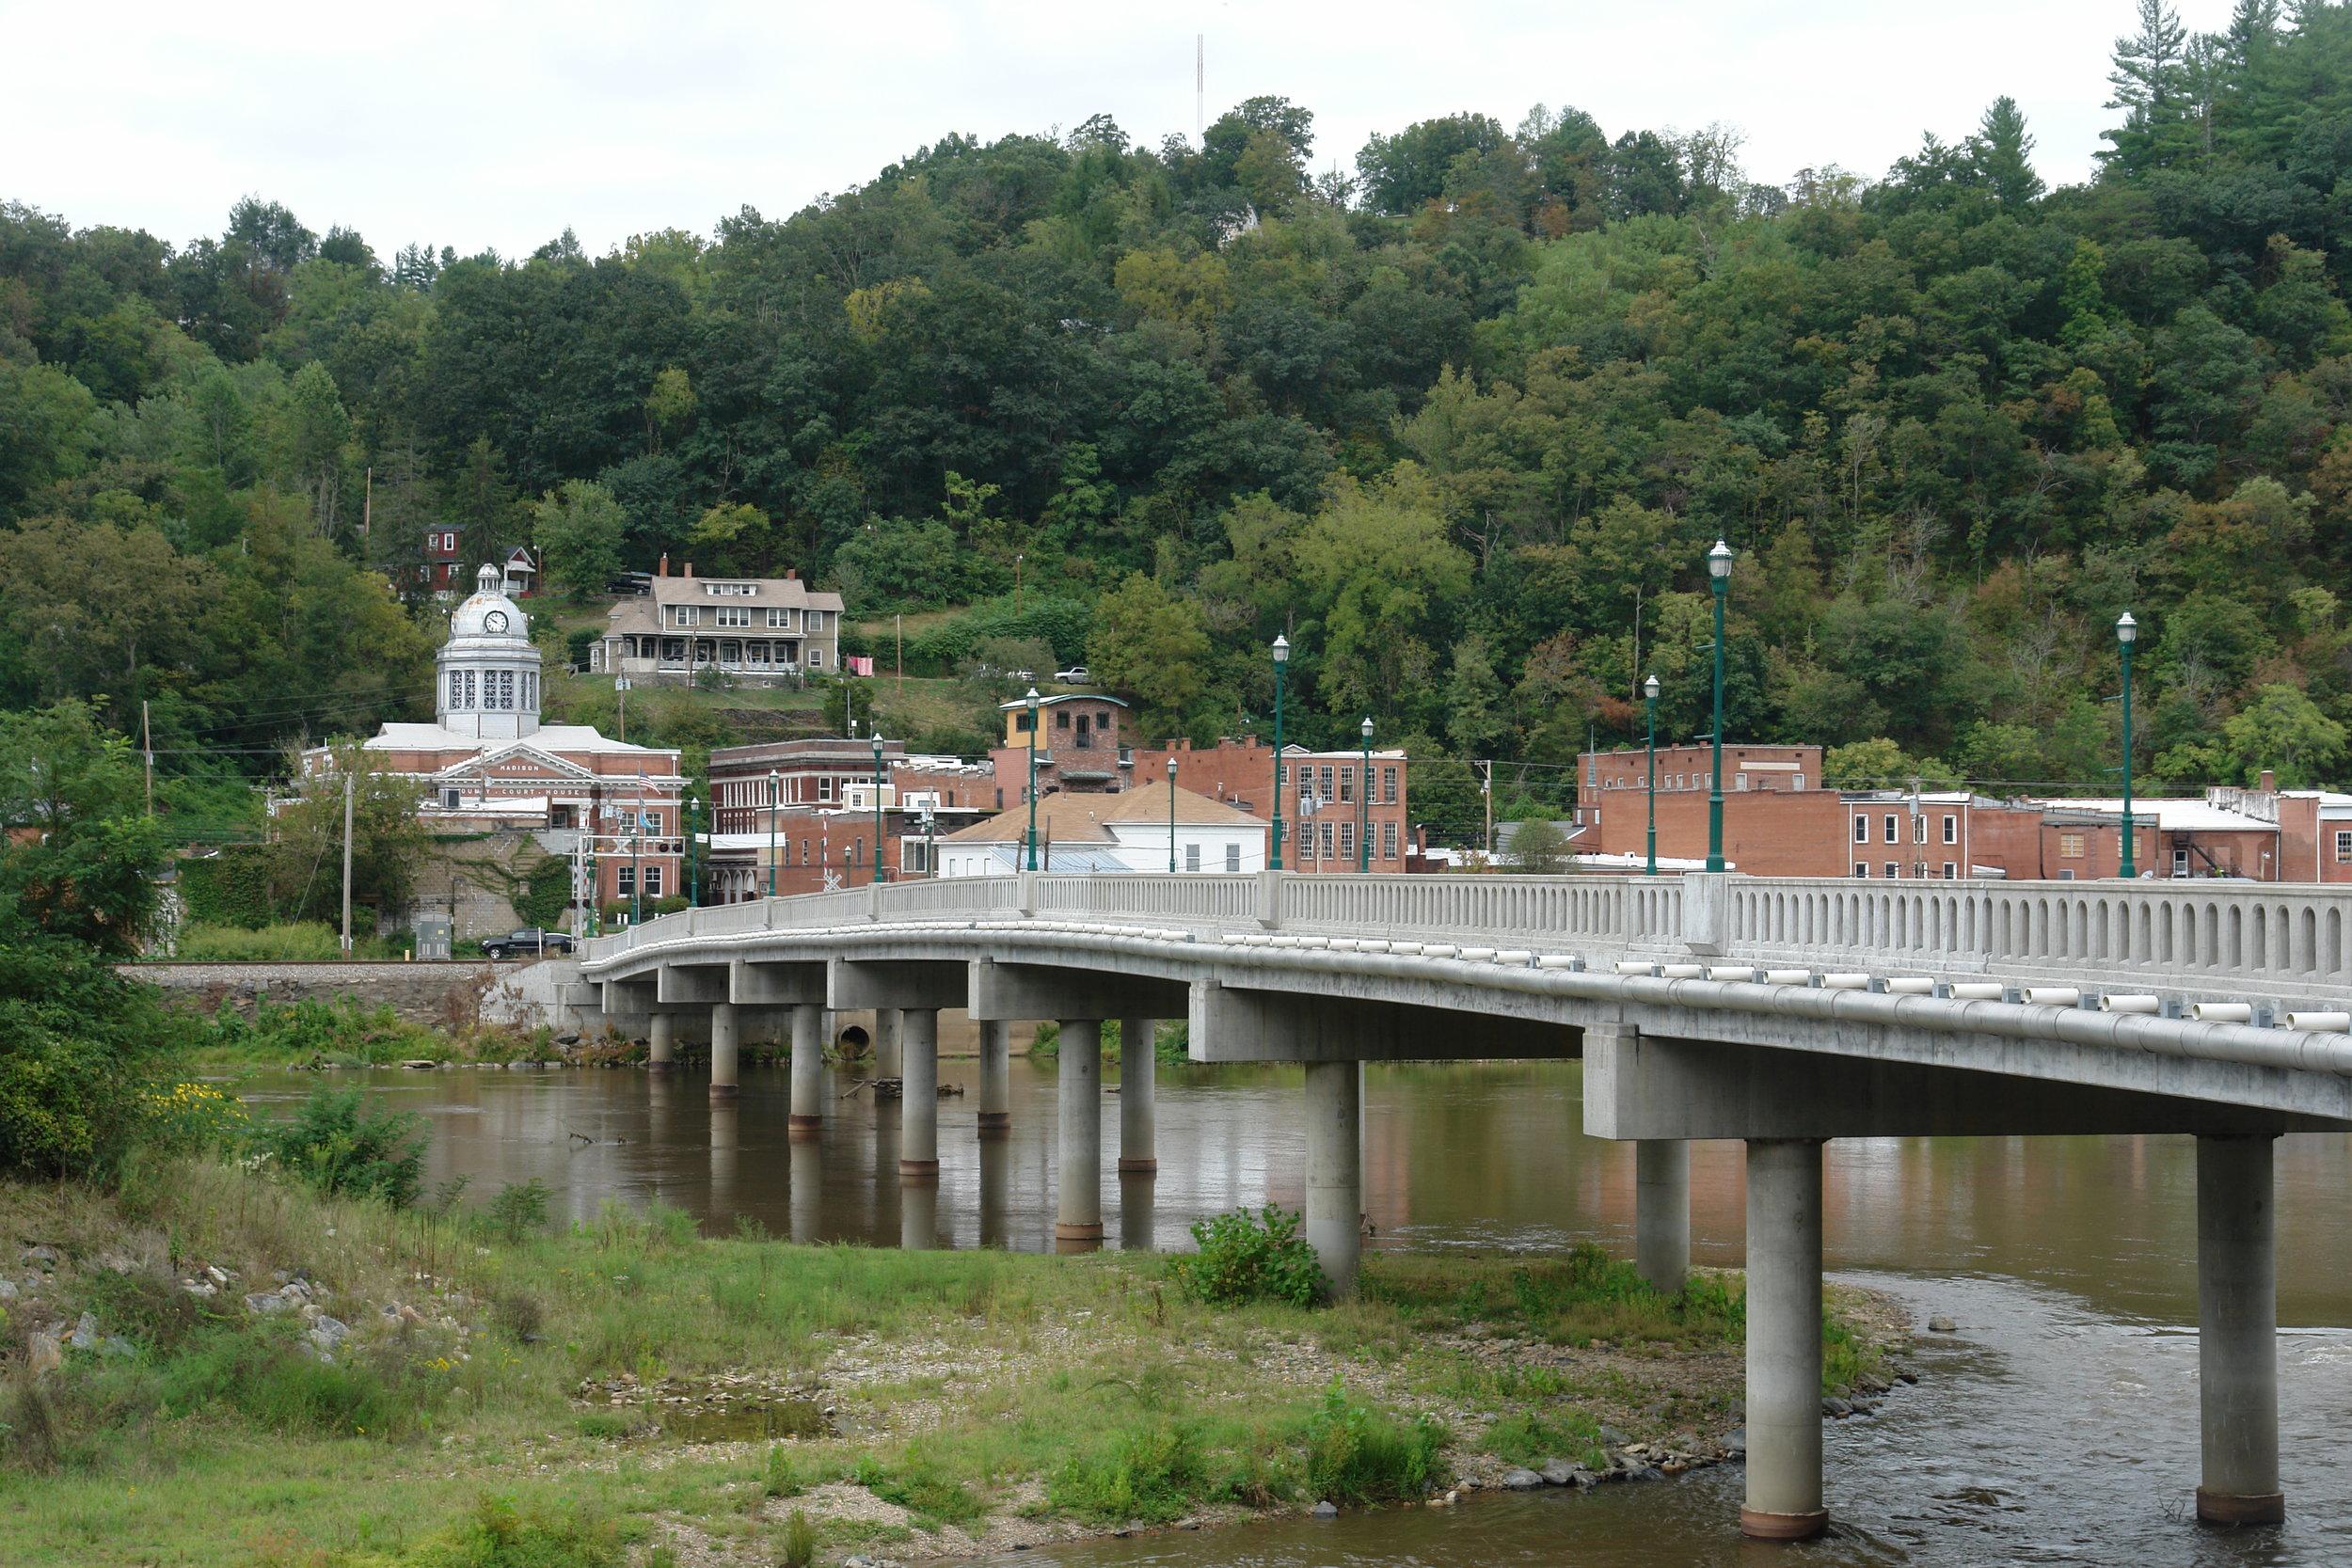 Town of Marshall Img 1.JPG